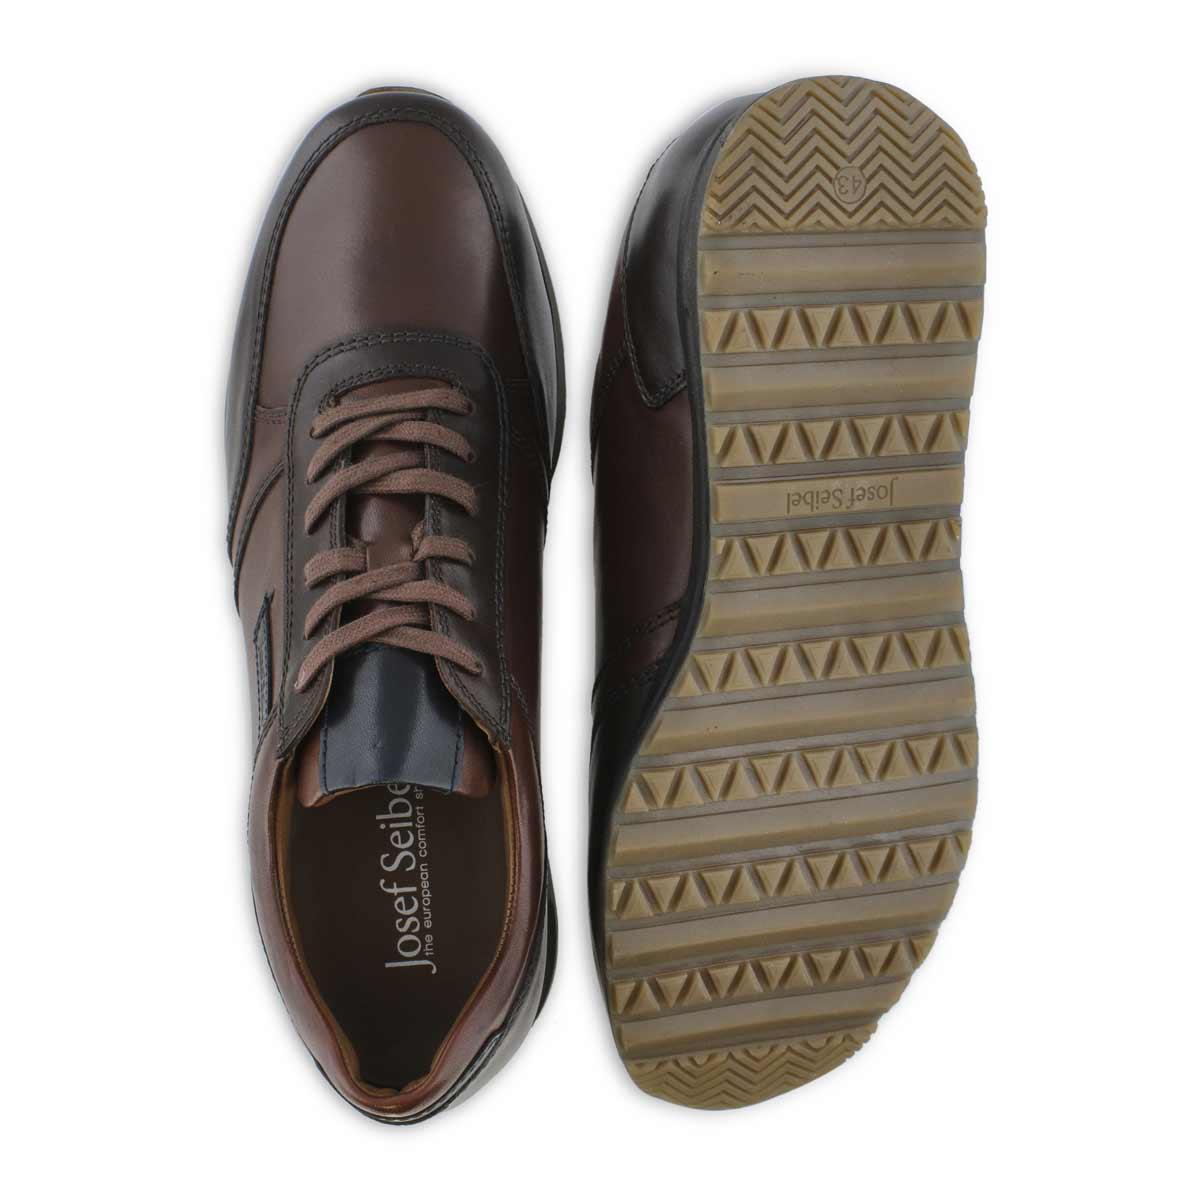 Men's THADDEUS 07 cognac lace up sneakers